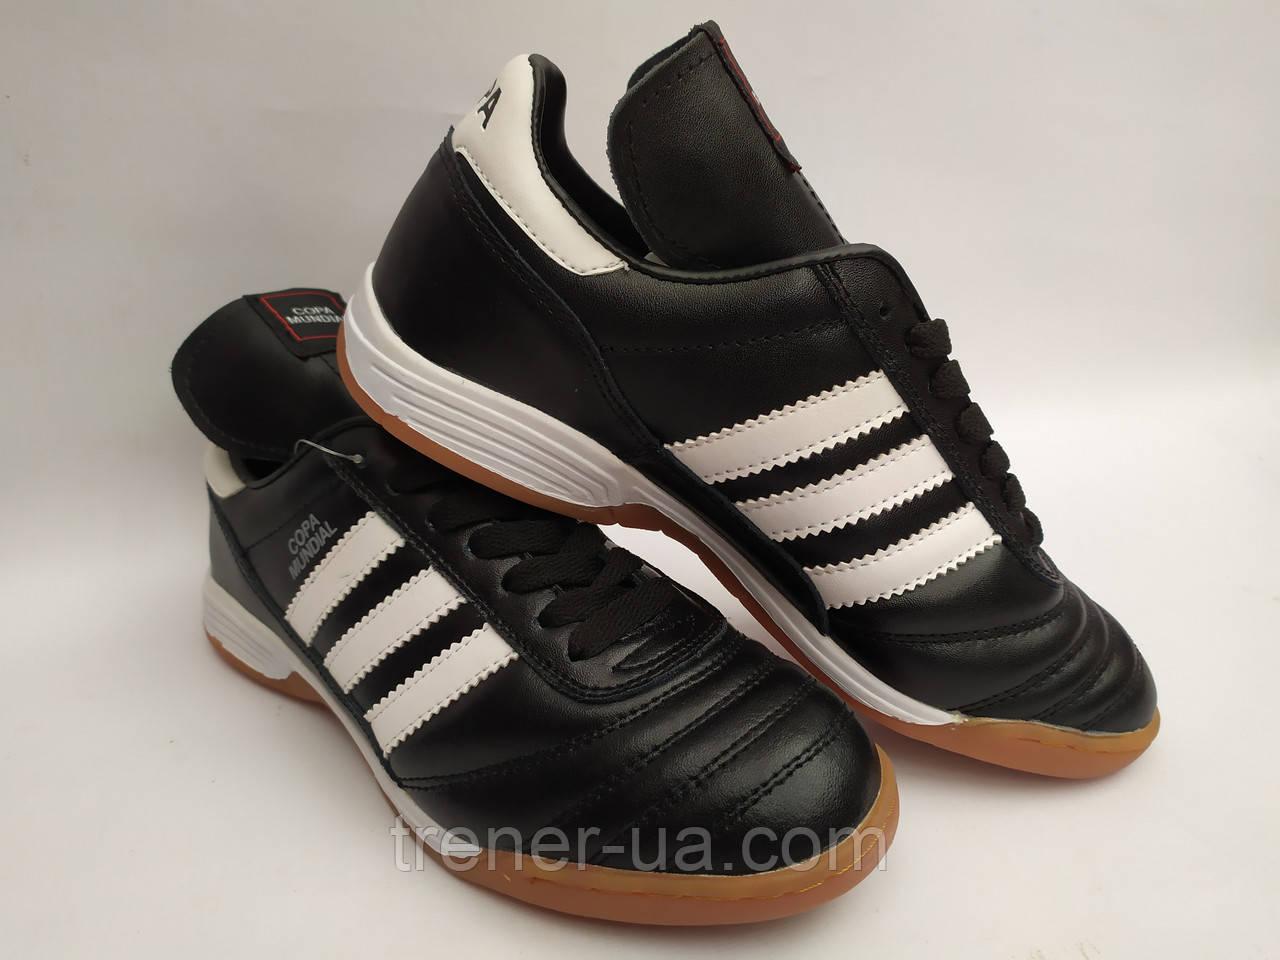 Обувь зальная подростковая в стиле Copa Mundial чёрно-белые 36-41/залки футбольные юниор/кожаные футзалки/копы